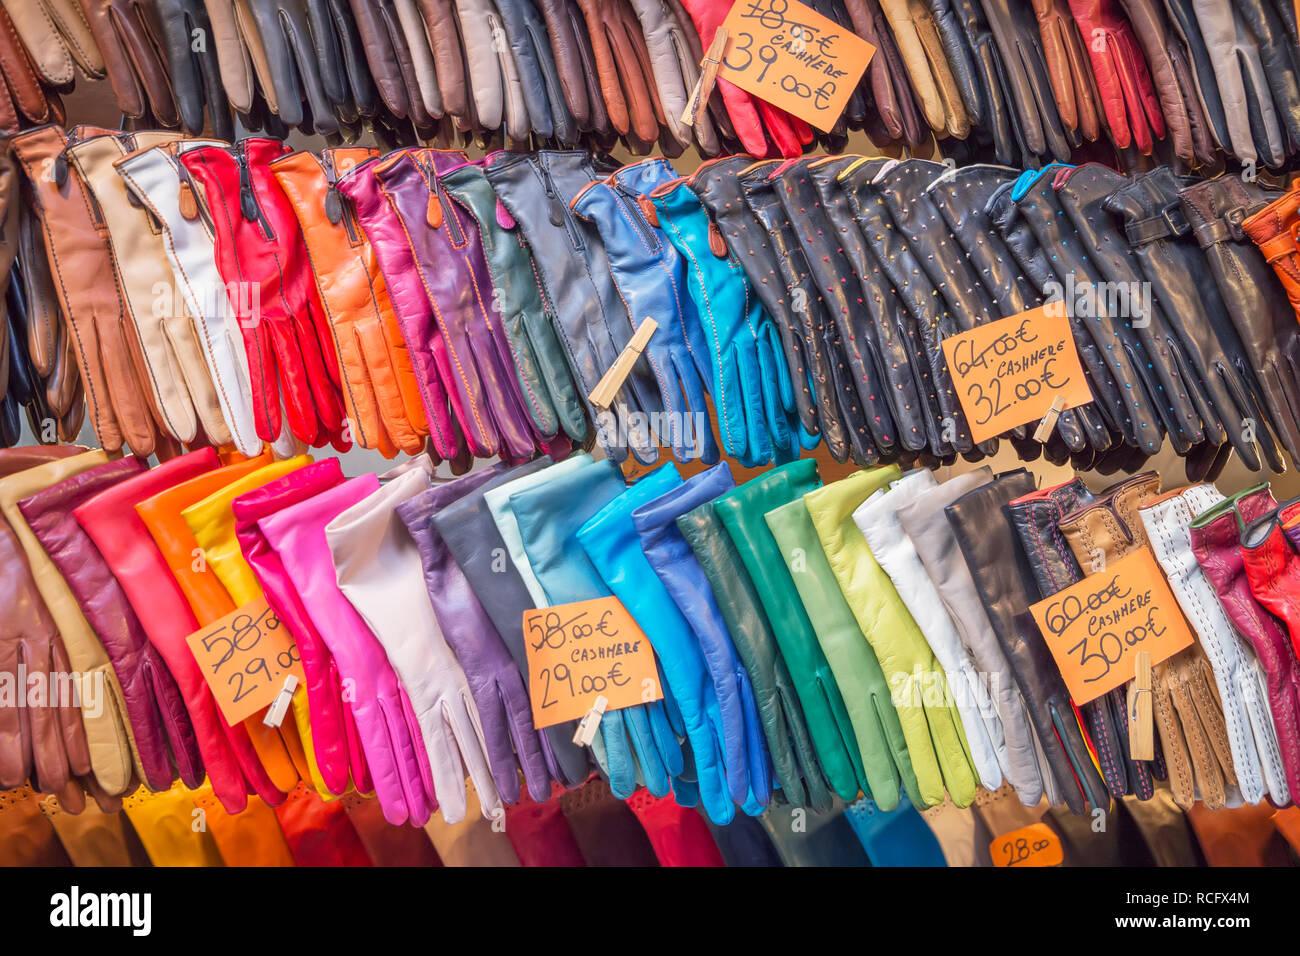 Italian leather goods, Mercato Nuovo, Florence, Tuscany, Italy, Europe - Stock Image